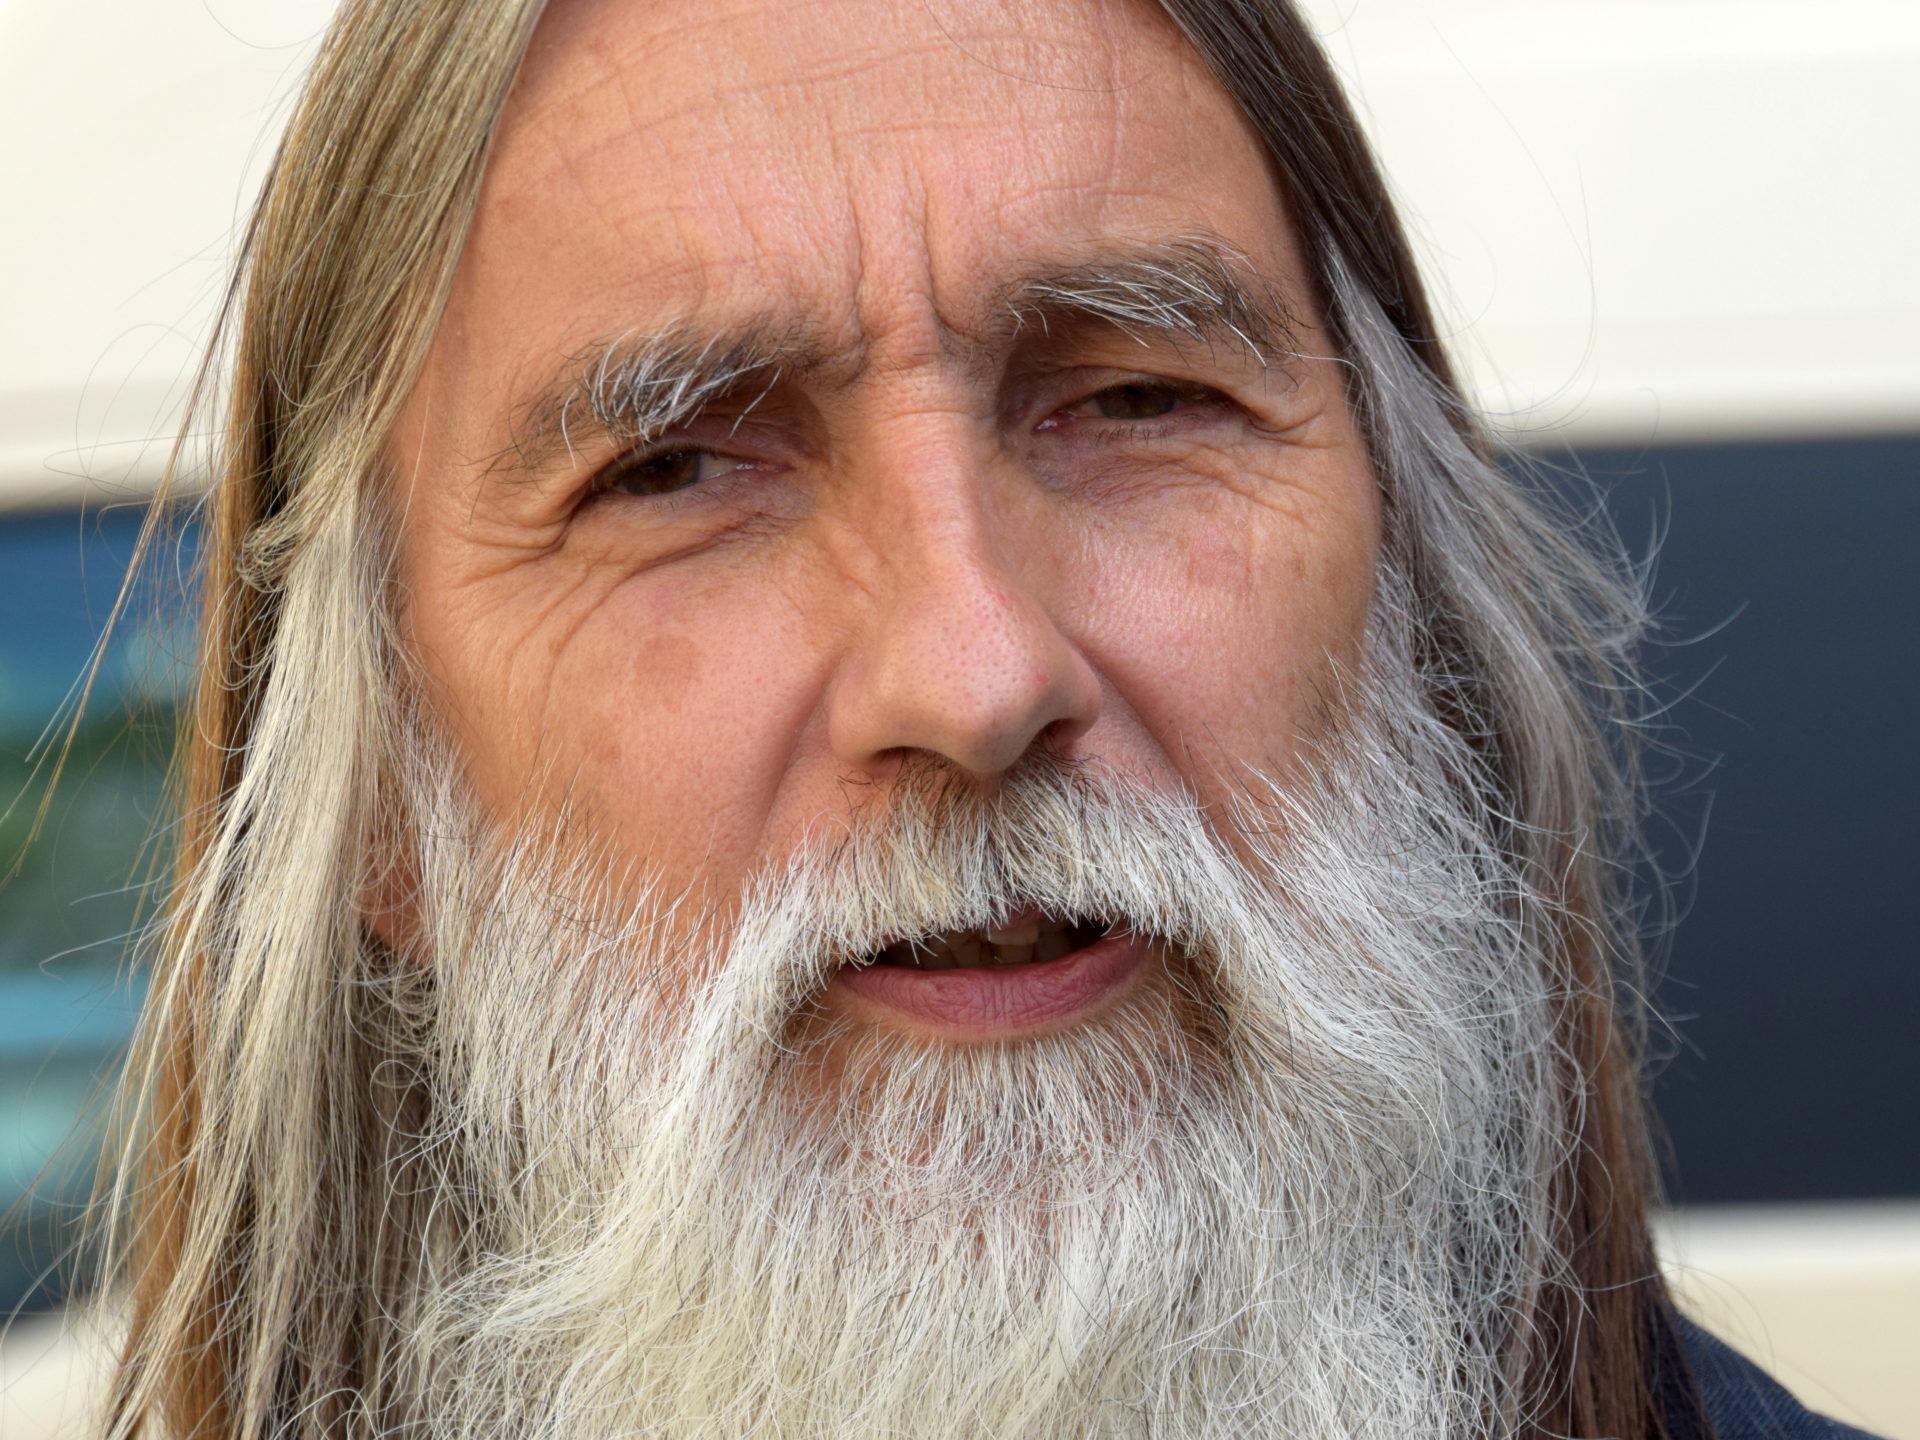 """Gespräch mit Stefan Matthias zum Thema """"Obdachlosigkeit und Konflikte im Wrangelkiez. Was hilft?"""""""